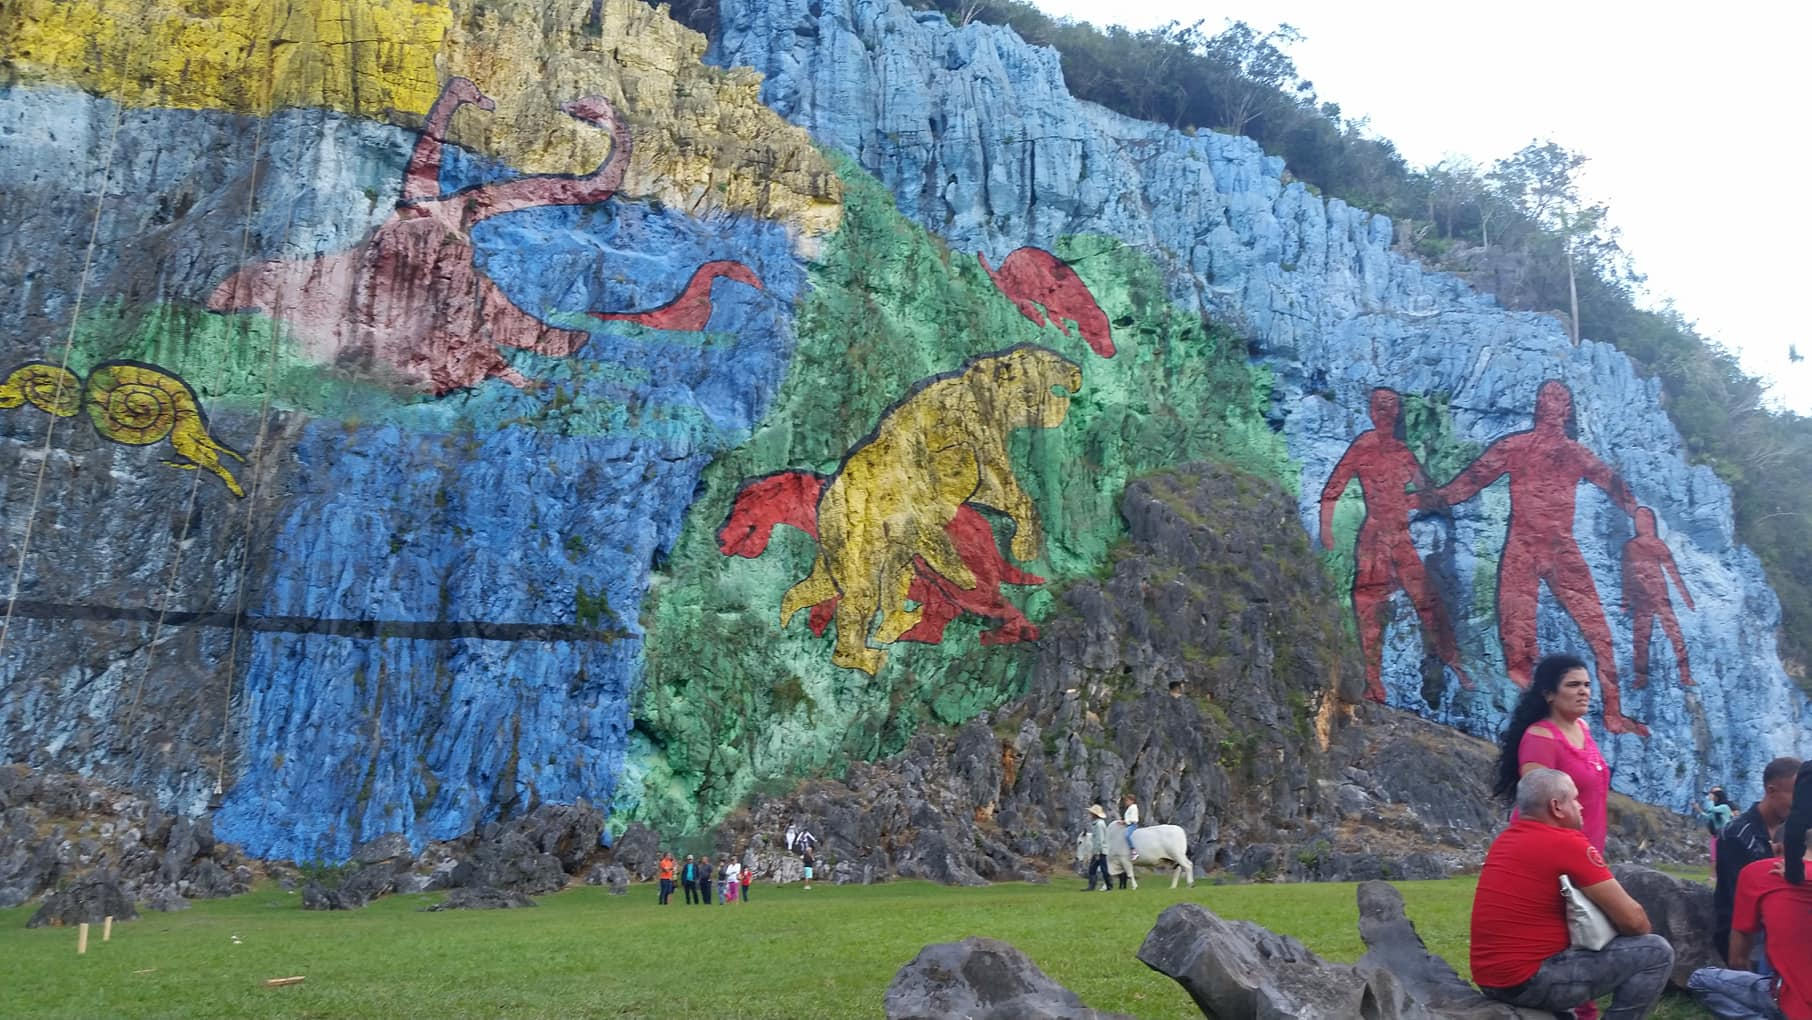 viñales mural de la prehistoria 1